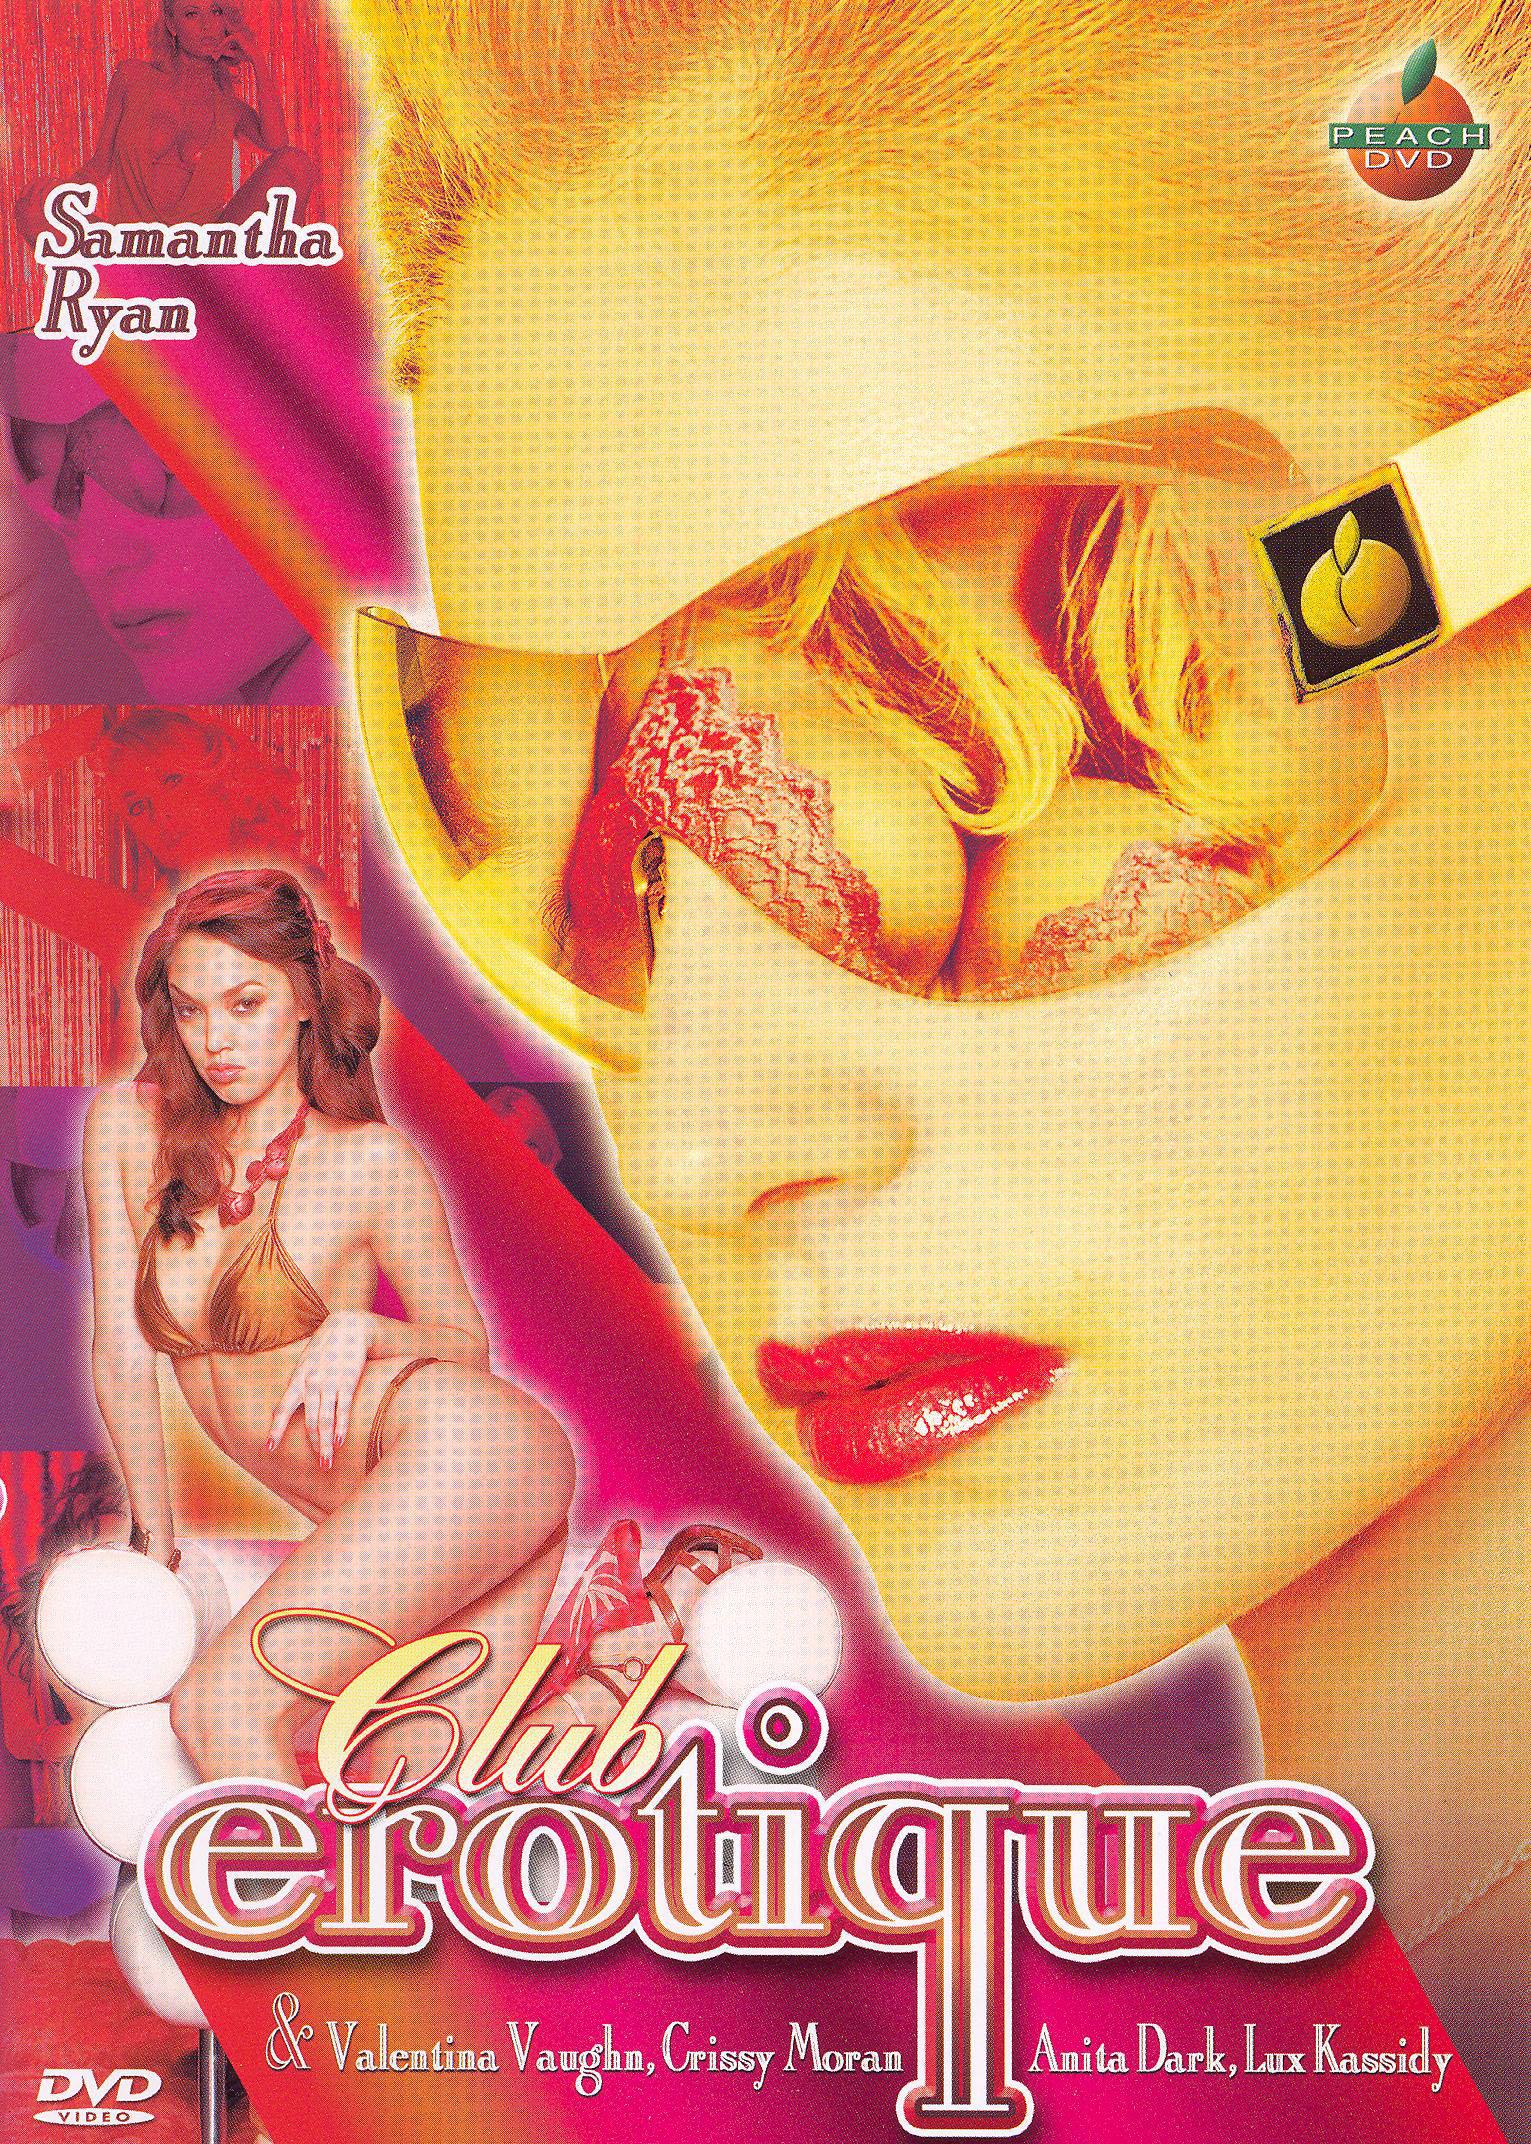 Club Erotique